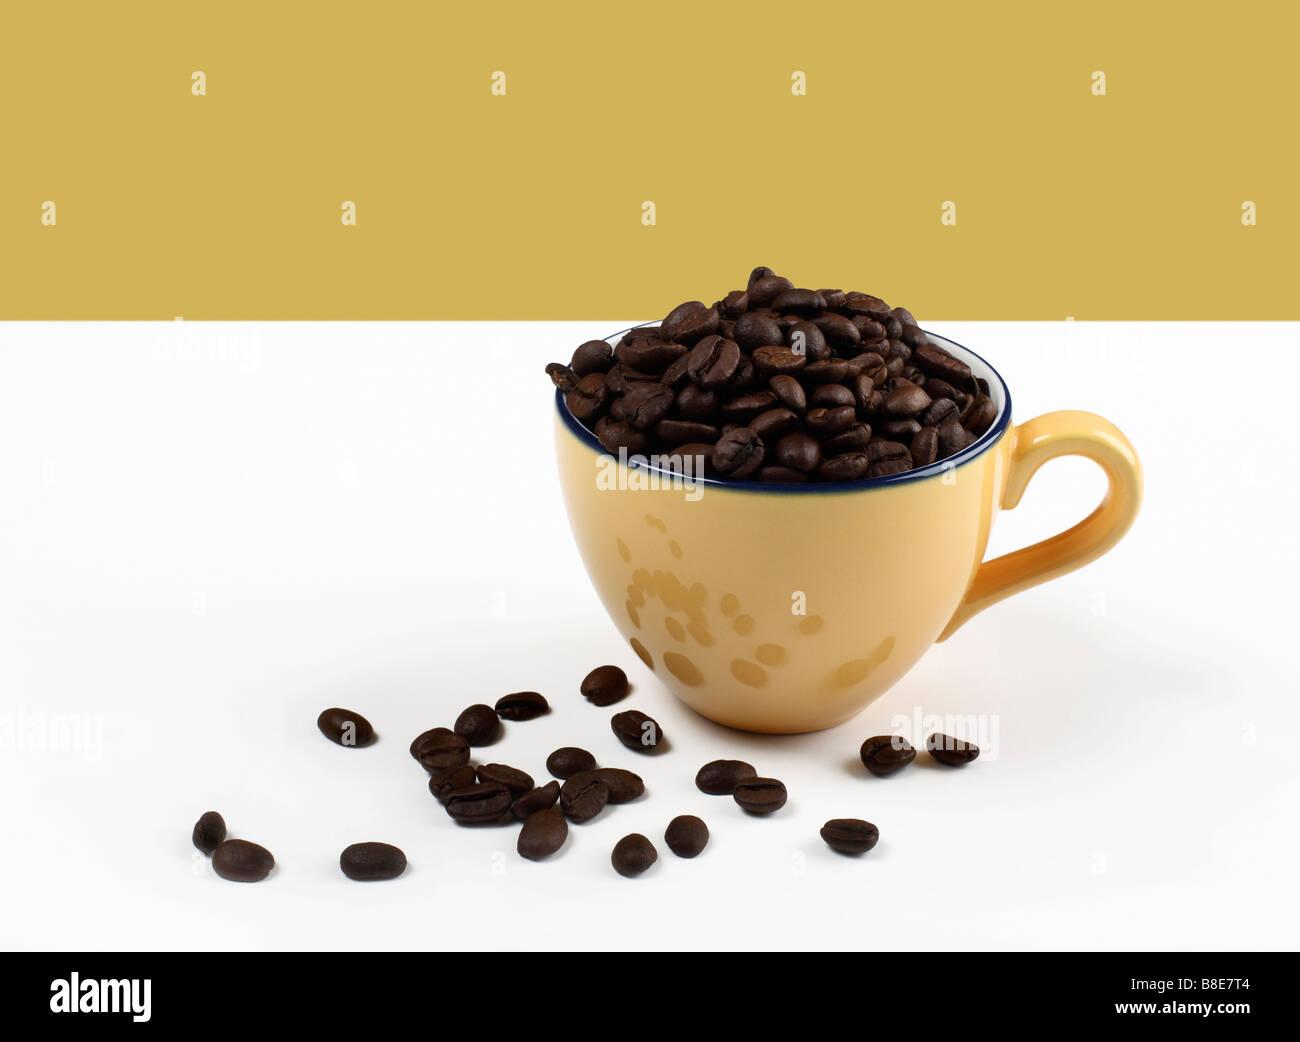 Tasse de café remplie de grains de café Banque D'Images